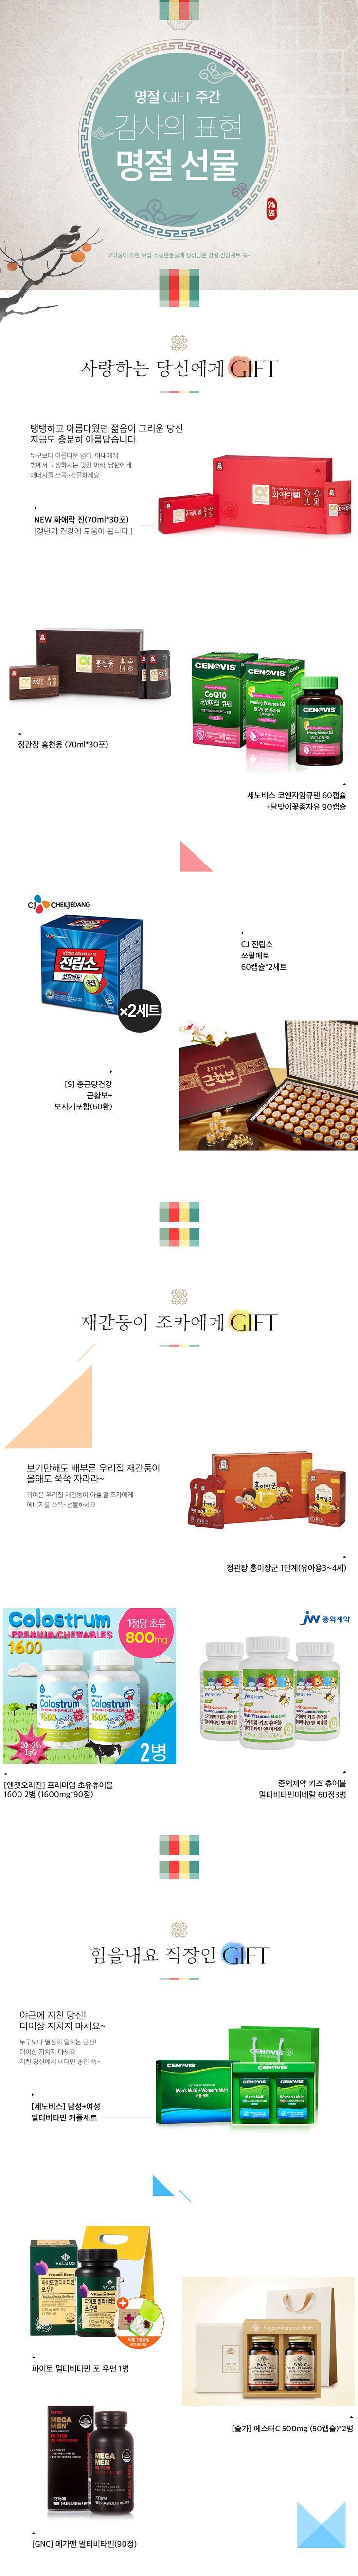 #2017년1월4주차 #SSG #명절연령별-GIFT기획전www.ssg.com